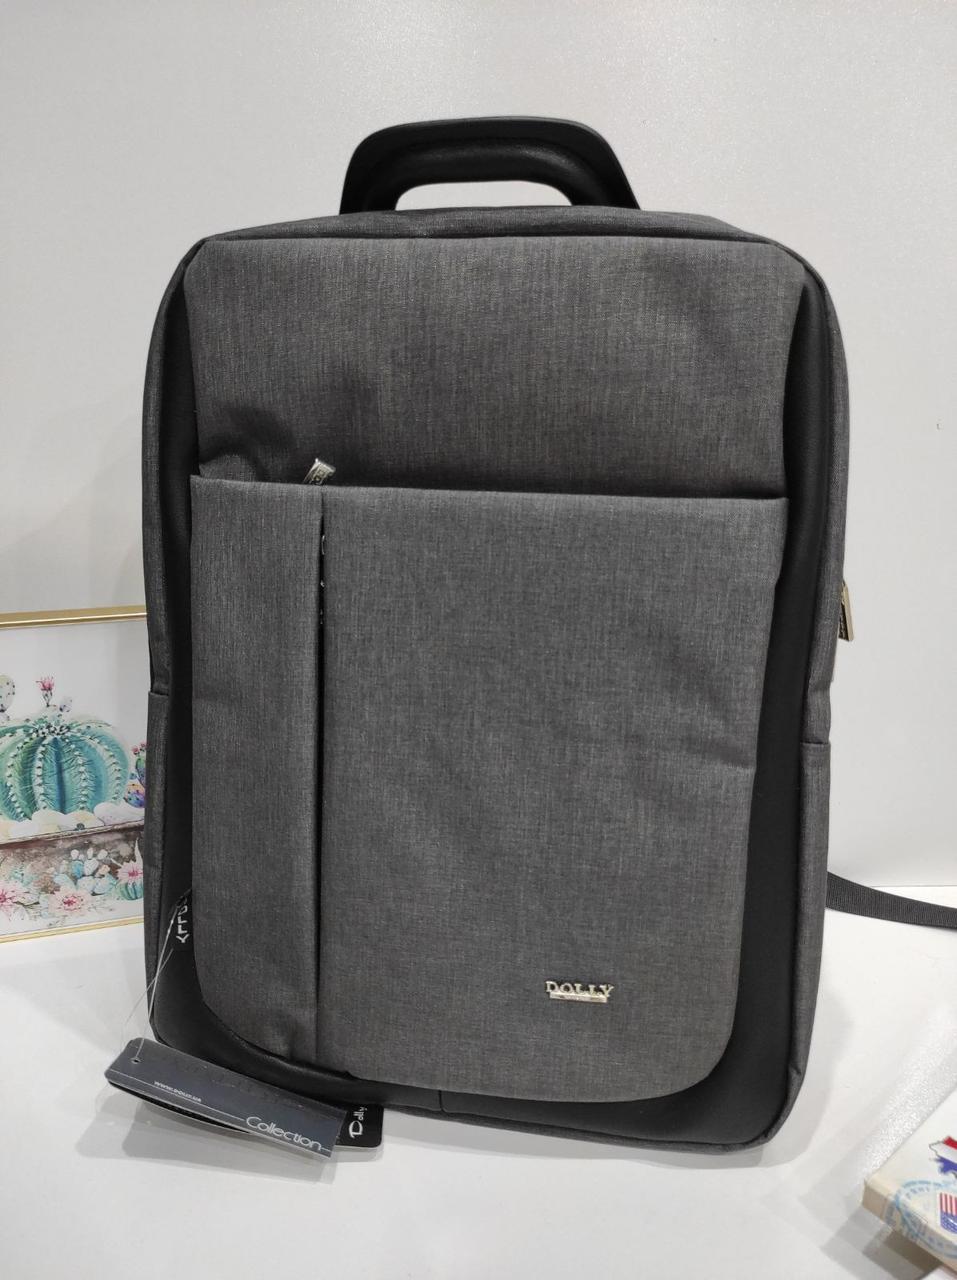 Класичний однотонний рюкзак Dolly 391 30х40х16 см